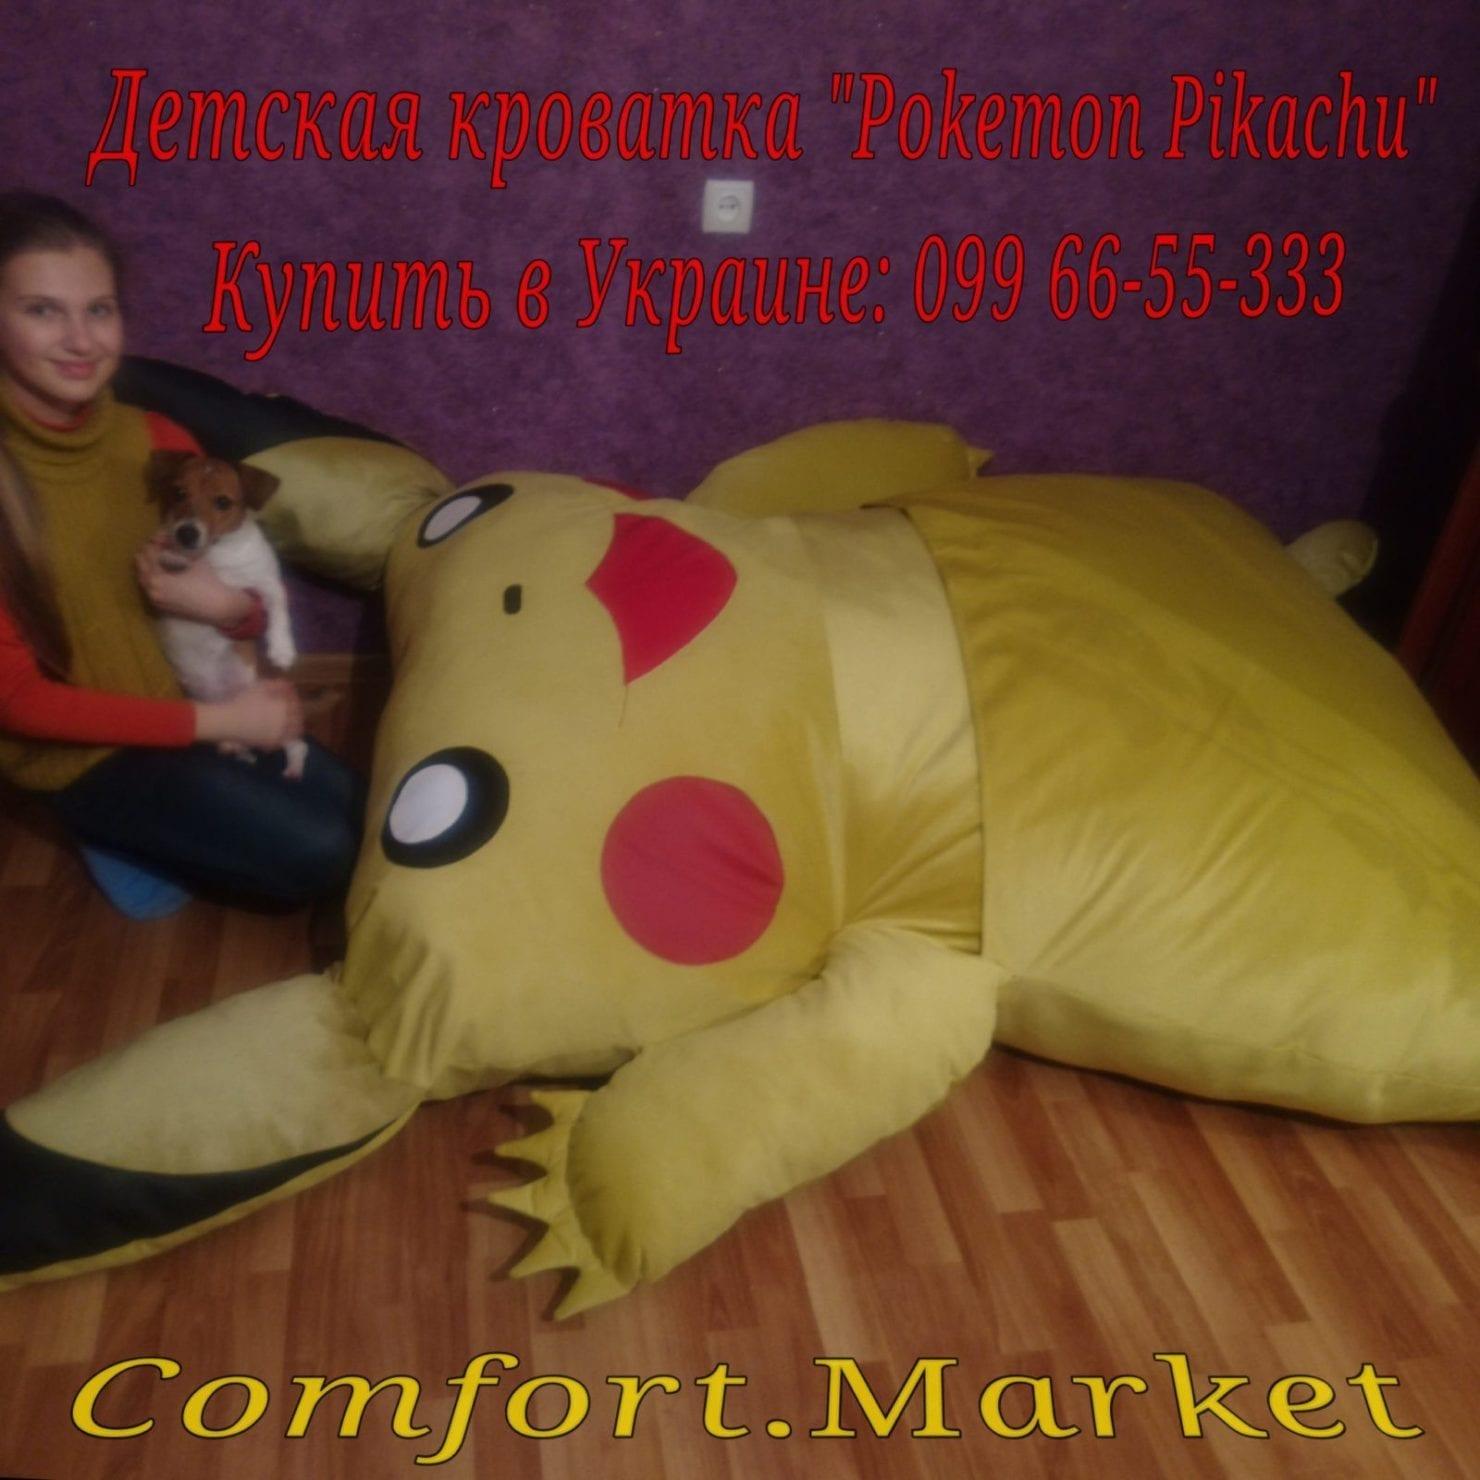 Заказать детскую мебель - кровать для игр и сна в виде Покемона Пикачу от производителя в Украине.